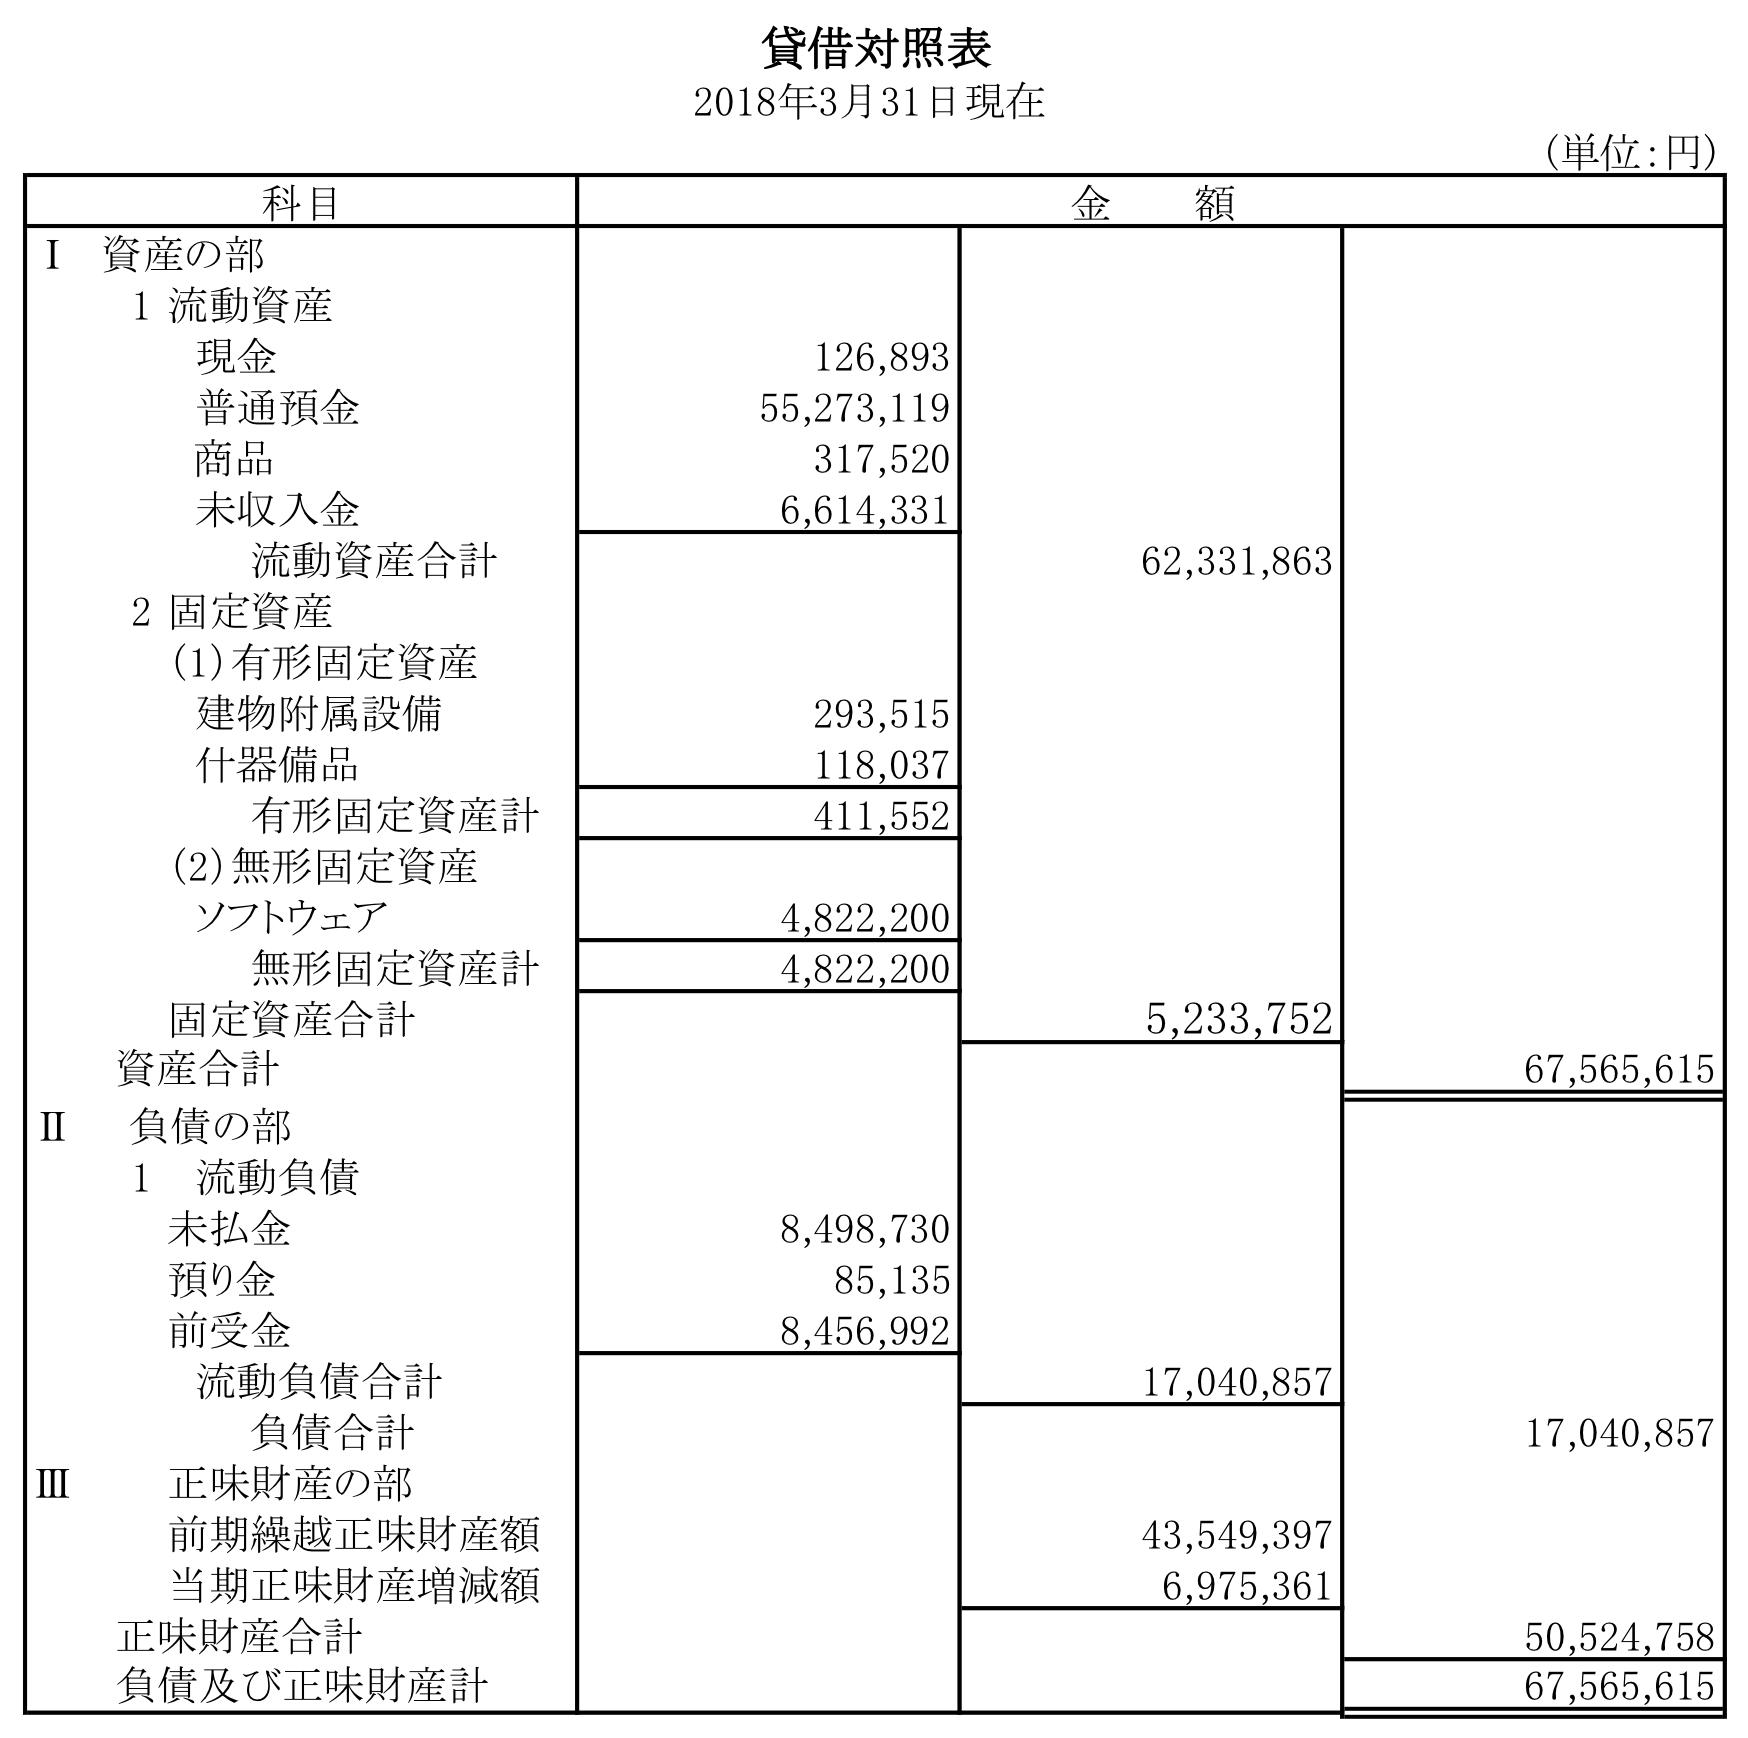 2017年貸借対照表